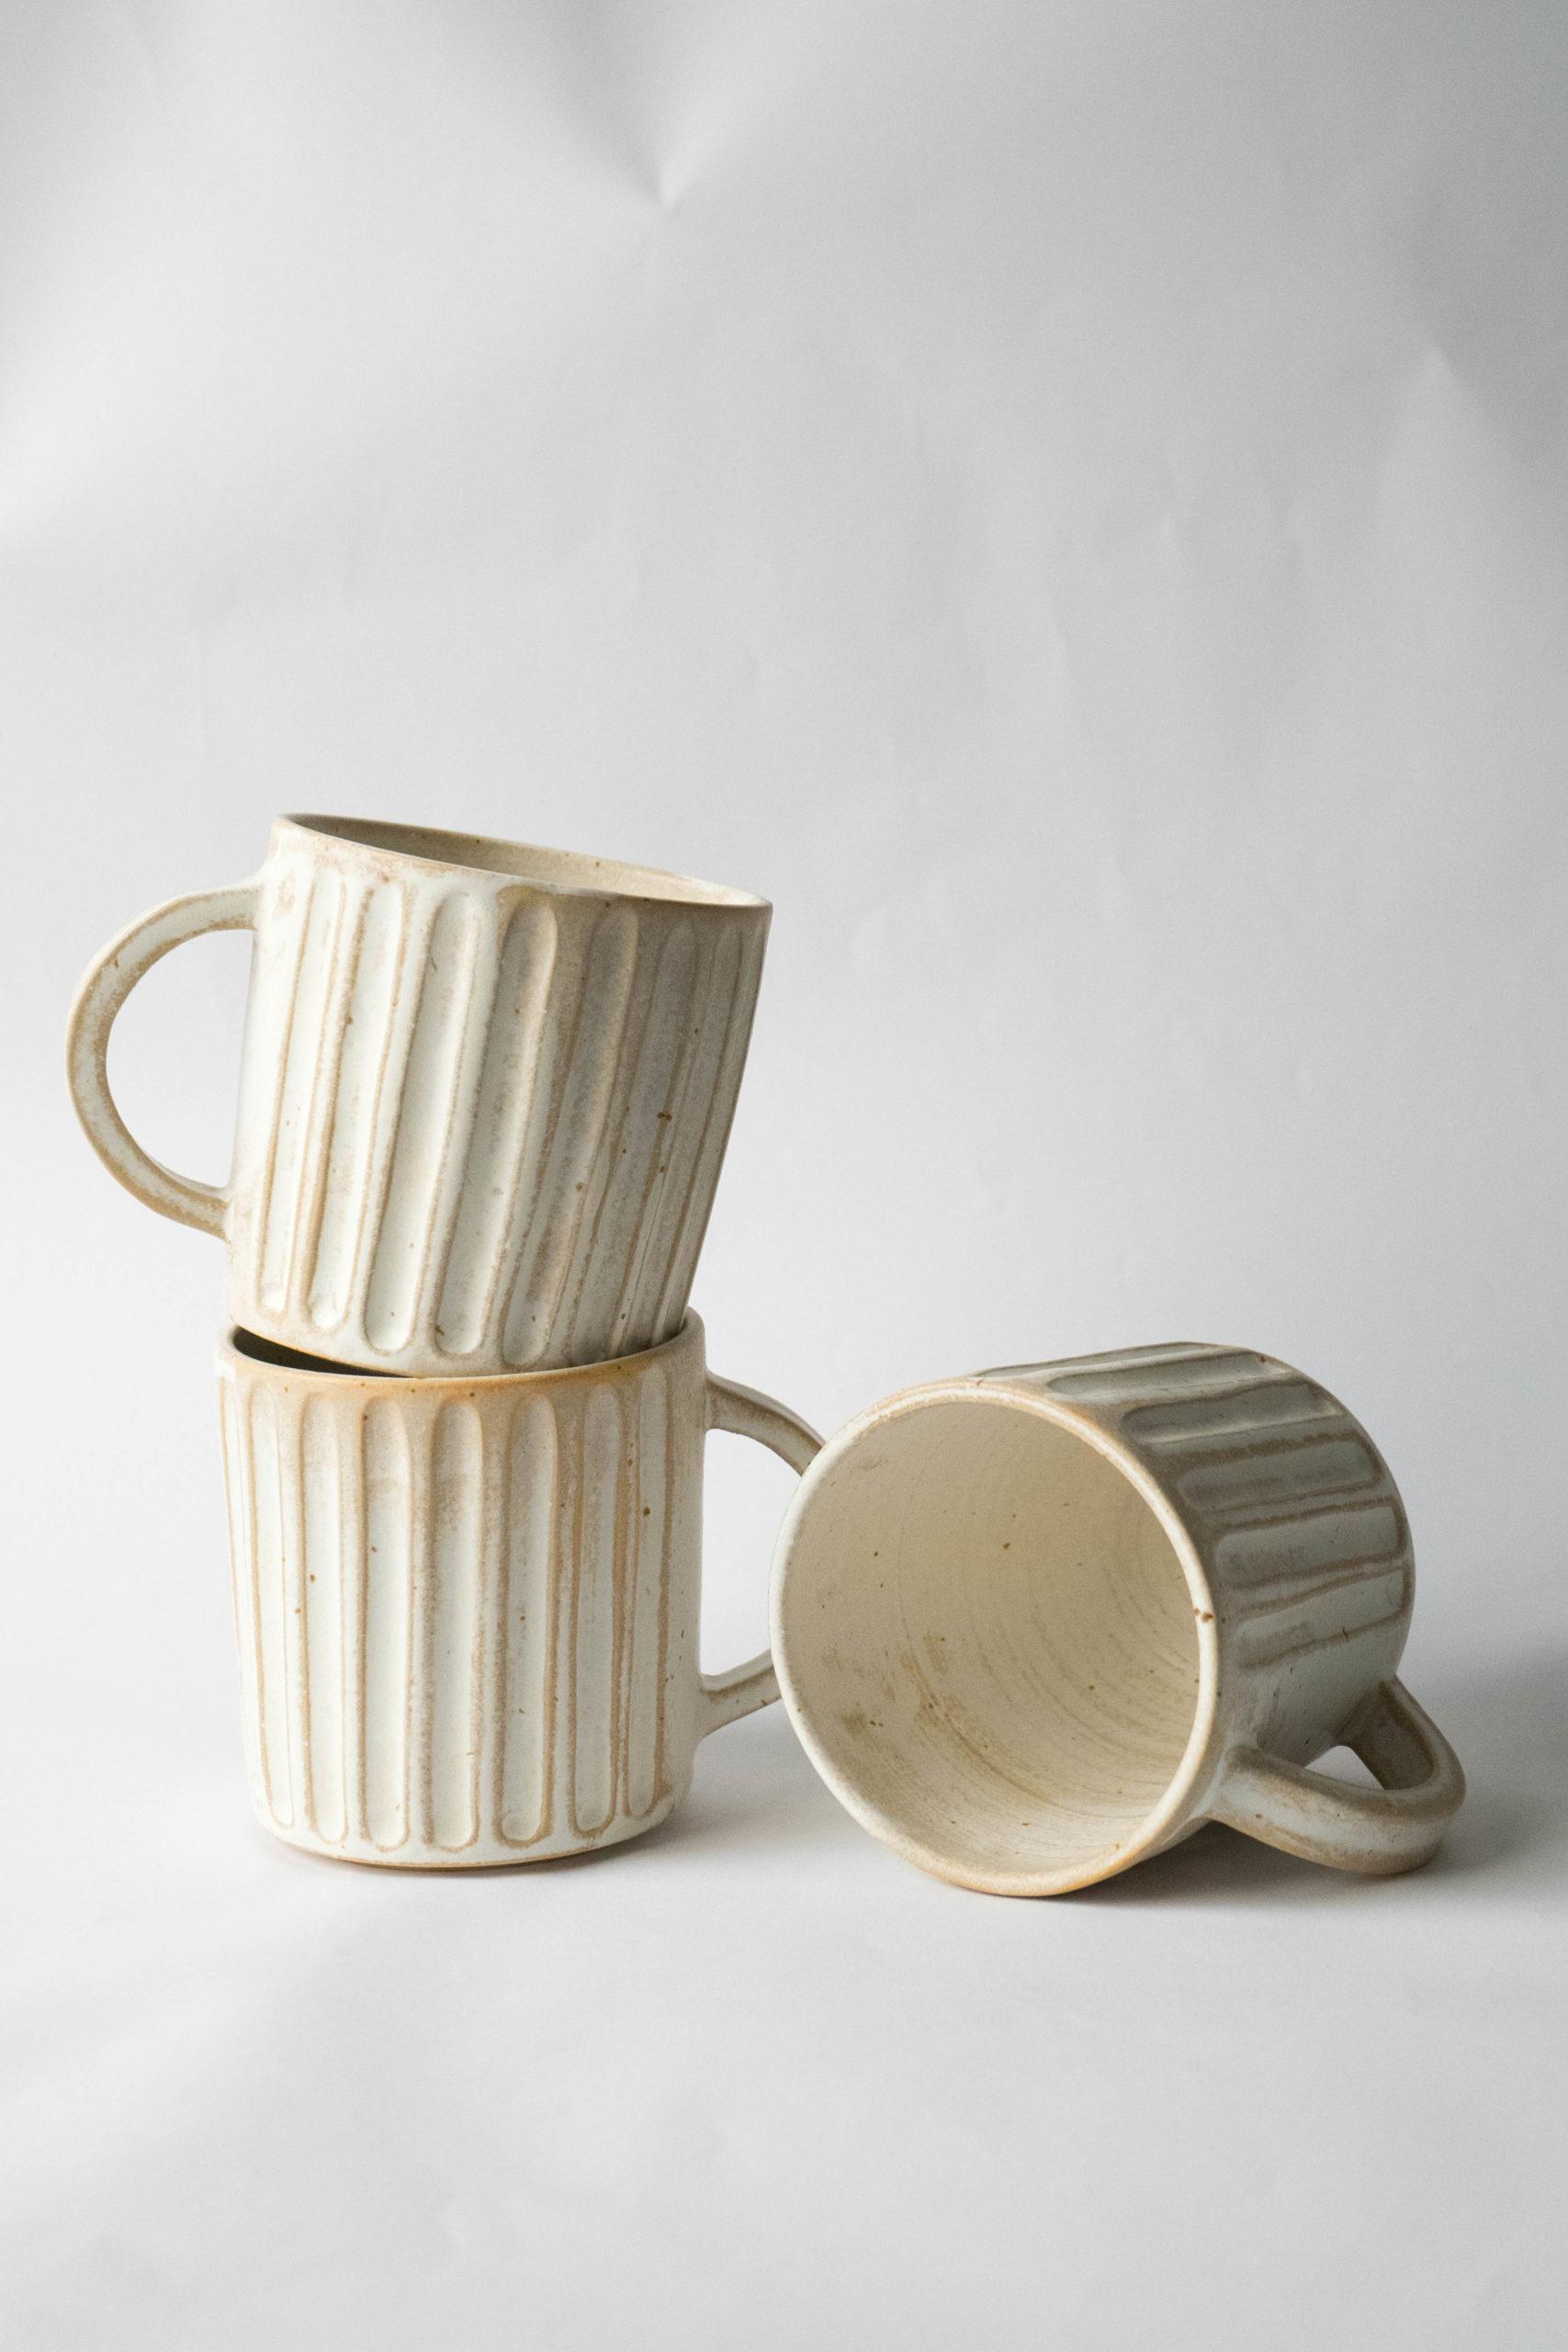 juego de tazas de calidad ceramicas hechas a mano ceramicas de calidad